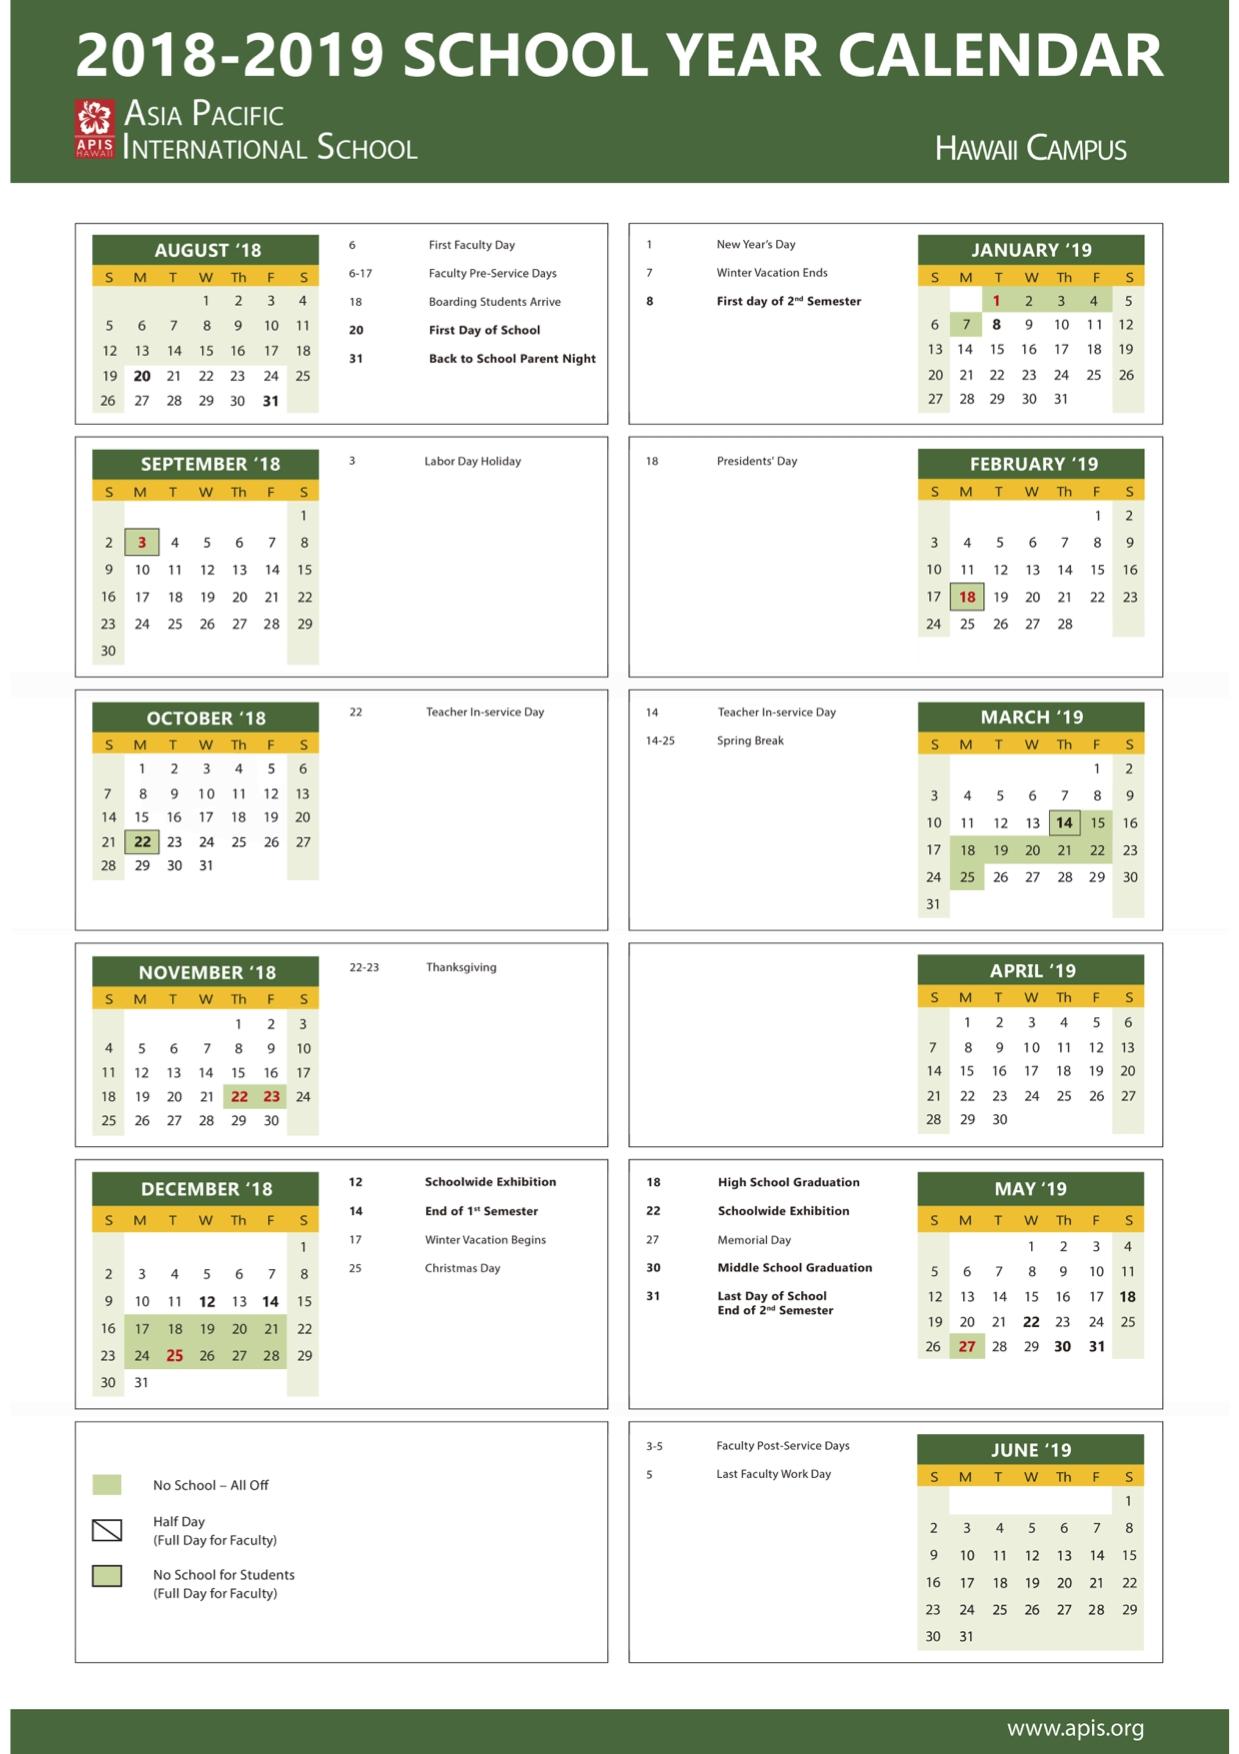 2018-2019 School Year Calendar Hawaii - Apis Calendar 2019 Hawaii